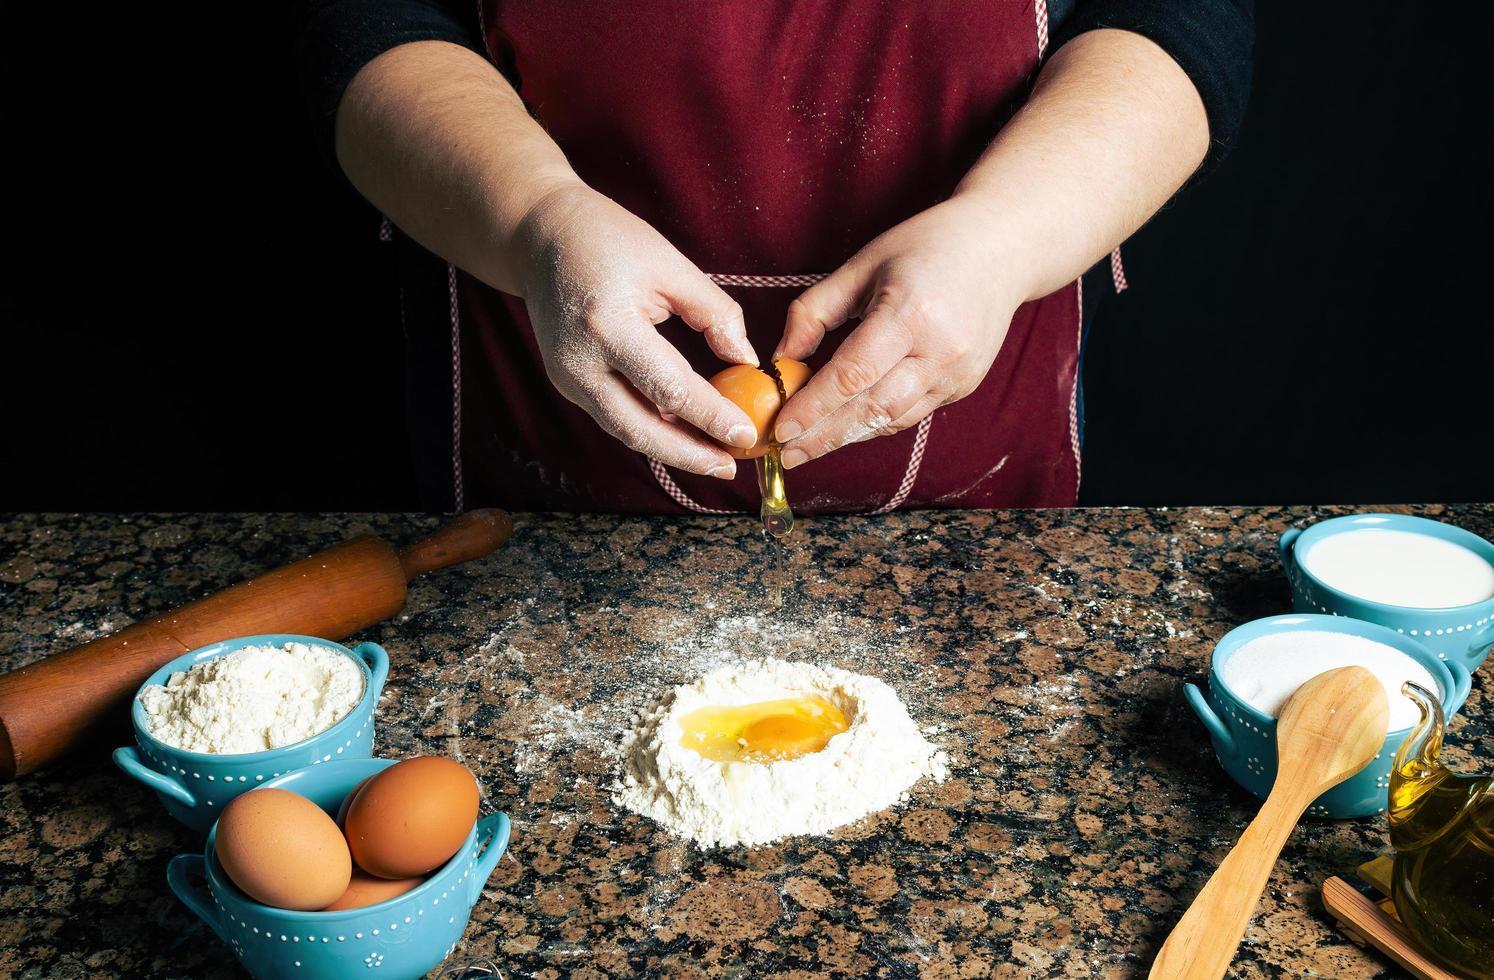 persona rompiendo huevos en harina foto